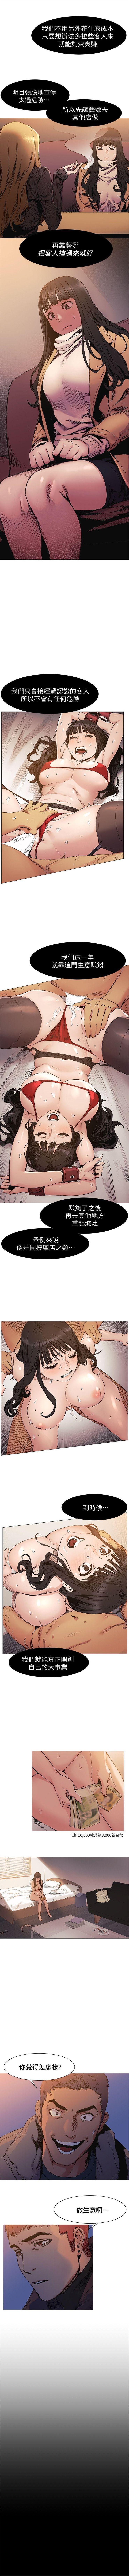 (週5)衝突 1-91 中文翻譯 (更新中) 153